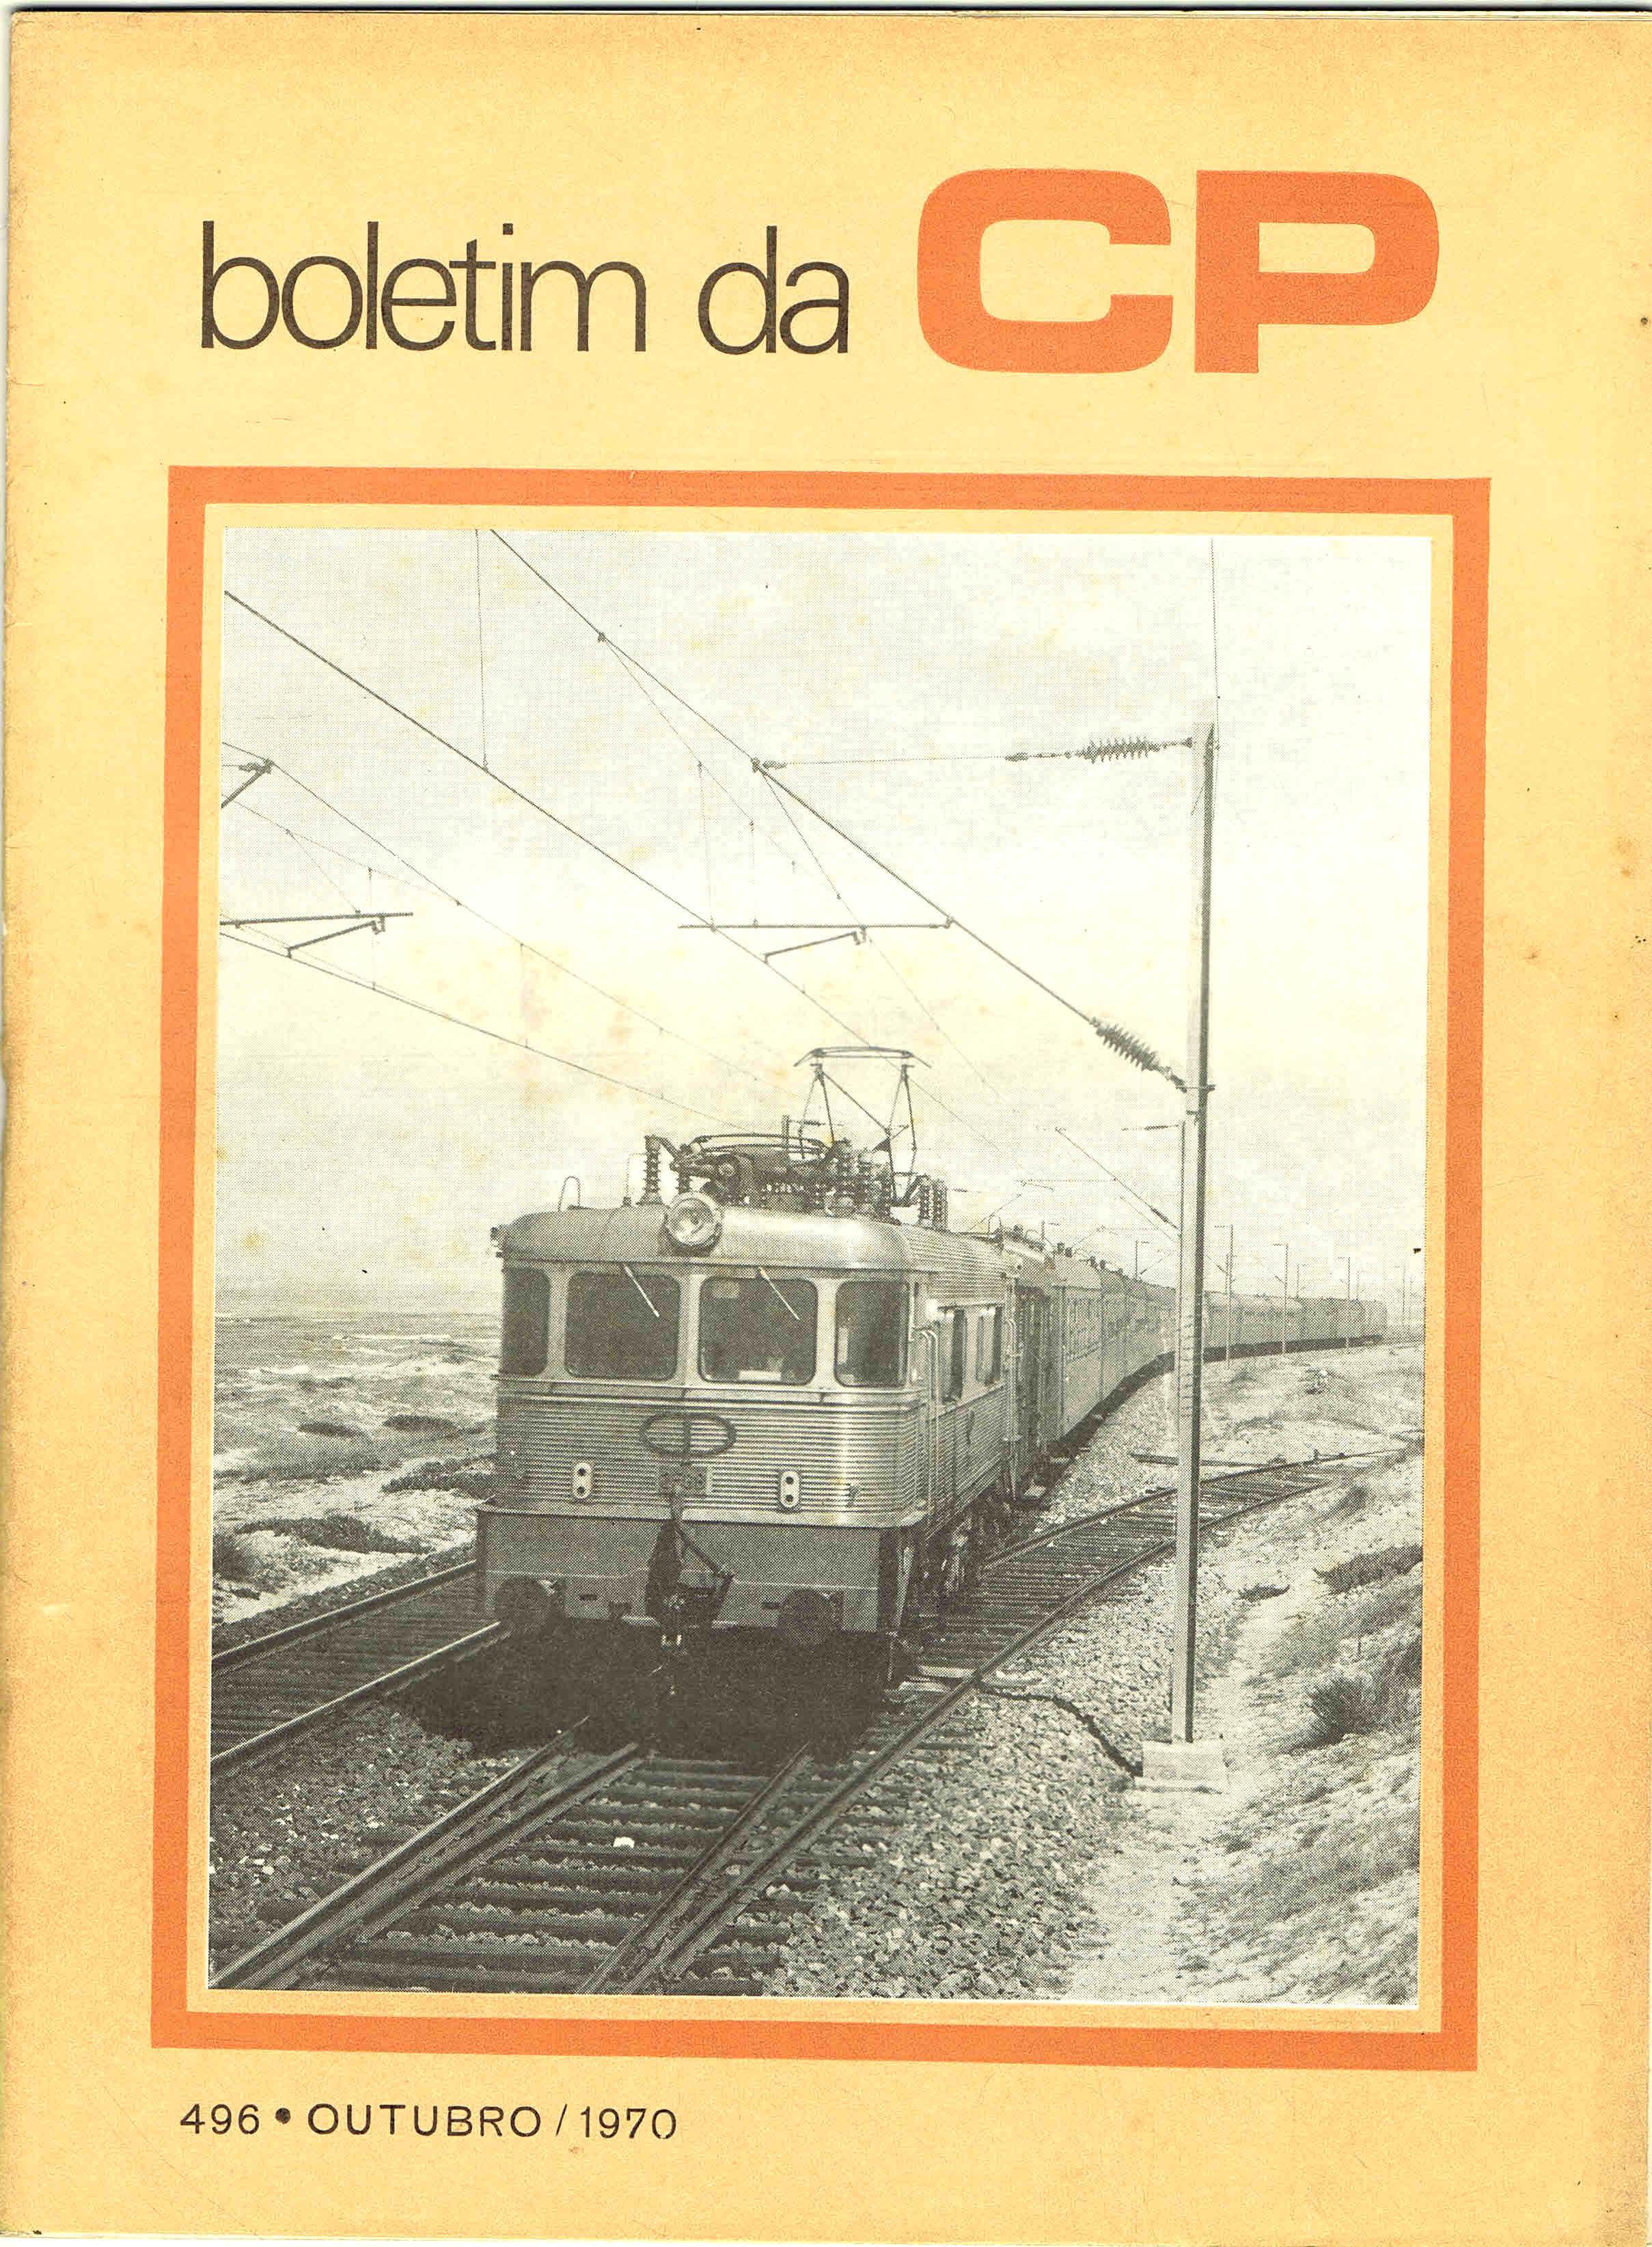 boletim da cp nº 496 outubro 1970